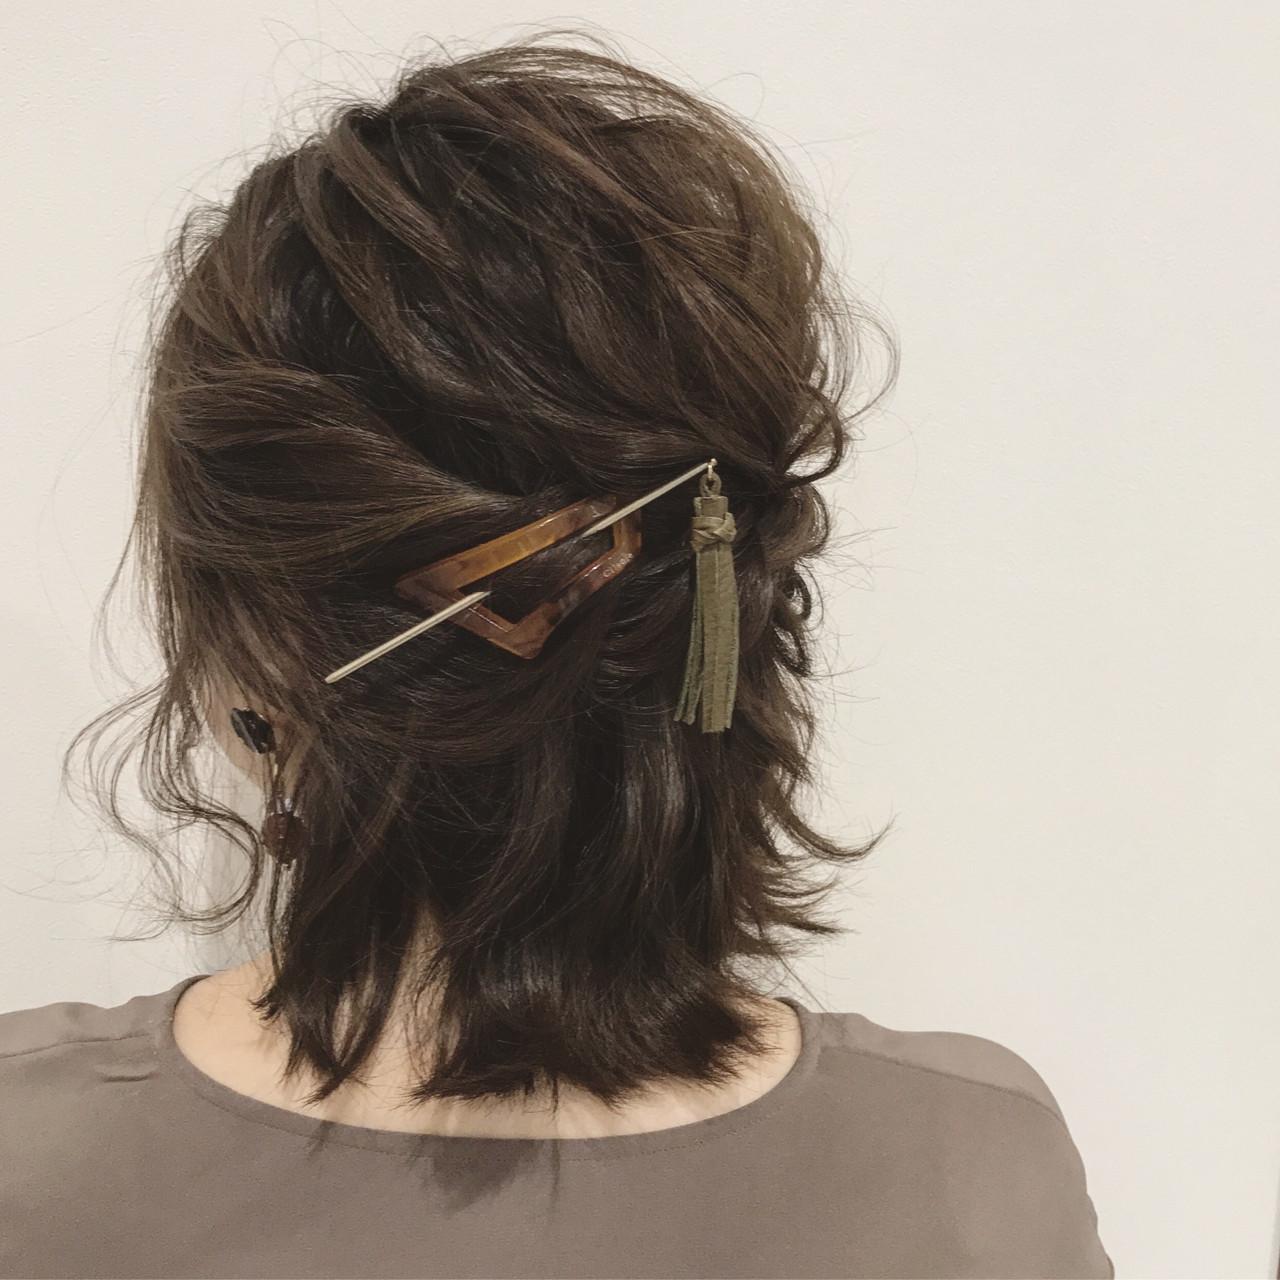 マジェステの使い方とコツ。髪の長さ別のアレンジ方法も一緒に紹介の7枚目の画像